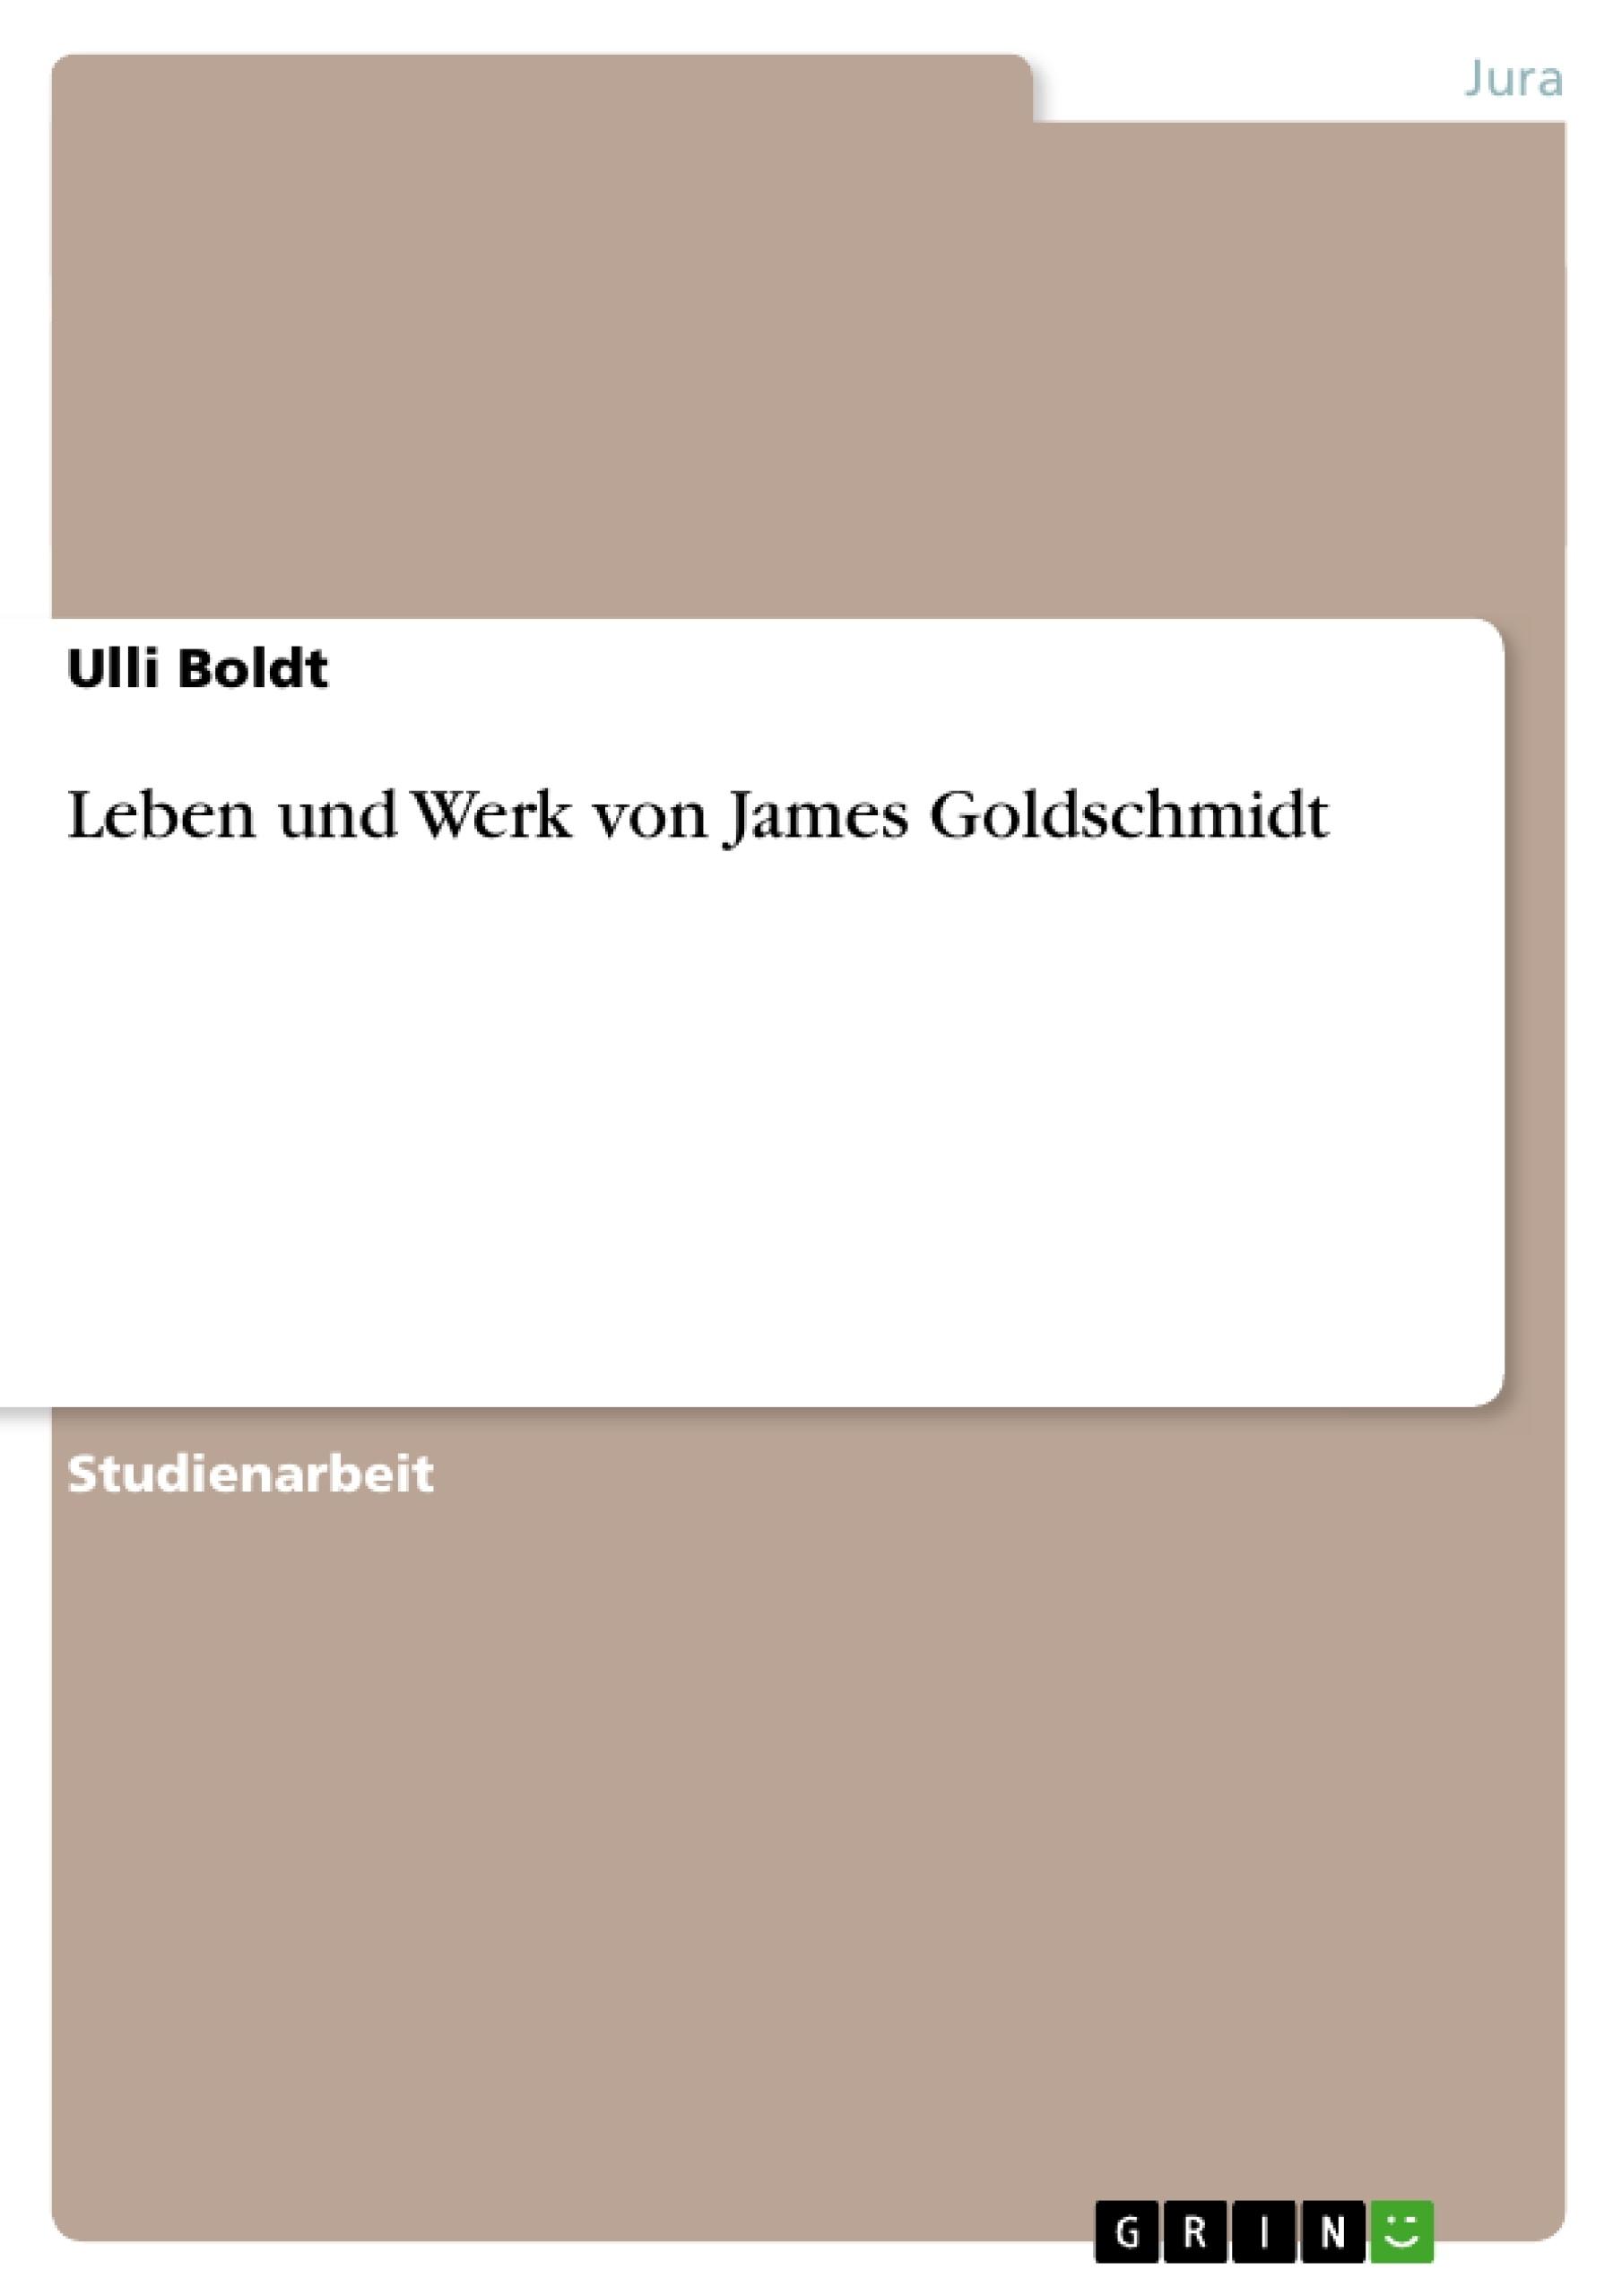 Titel: Leben und Werk von James Goldschmidt